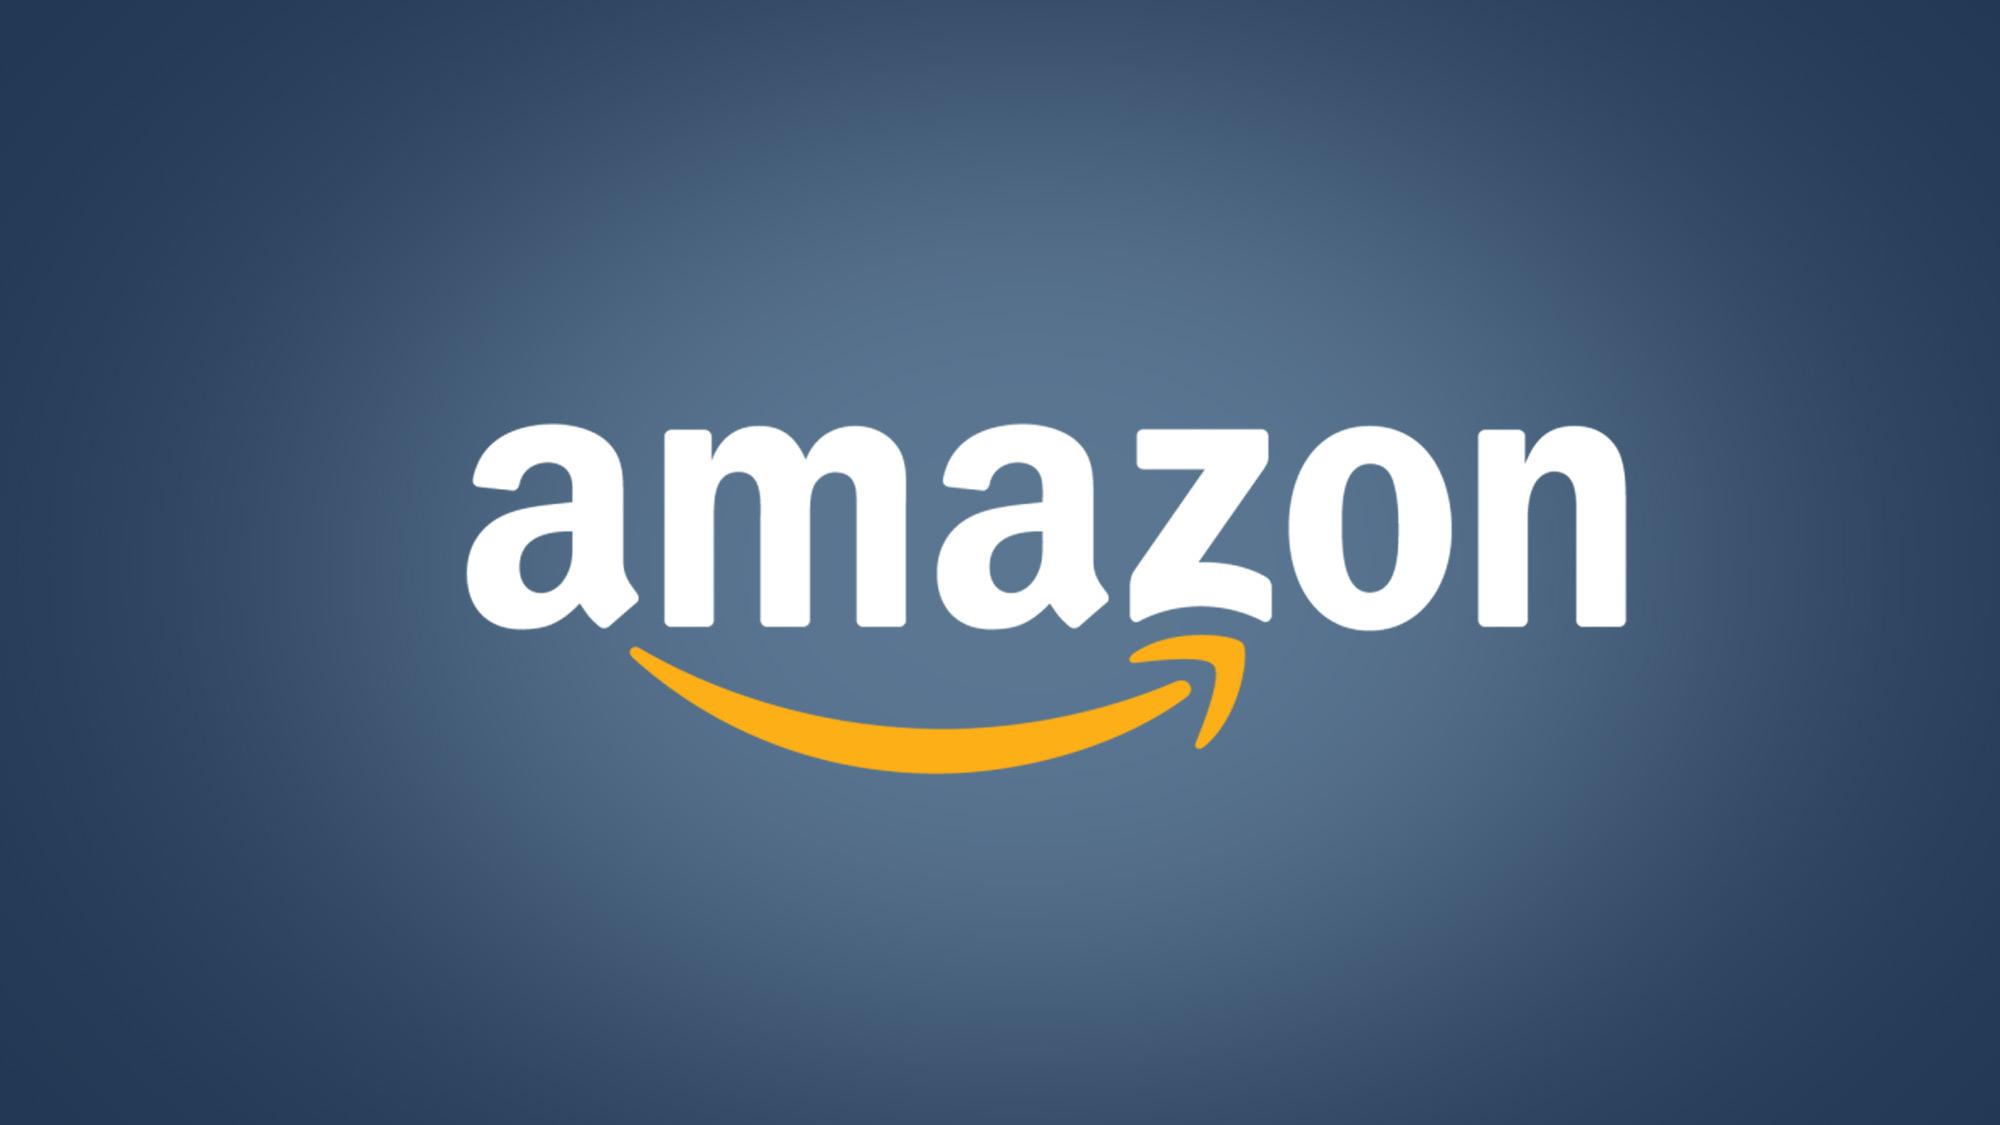 Amazon'un geliri 108,5 milyar dolar oldu